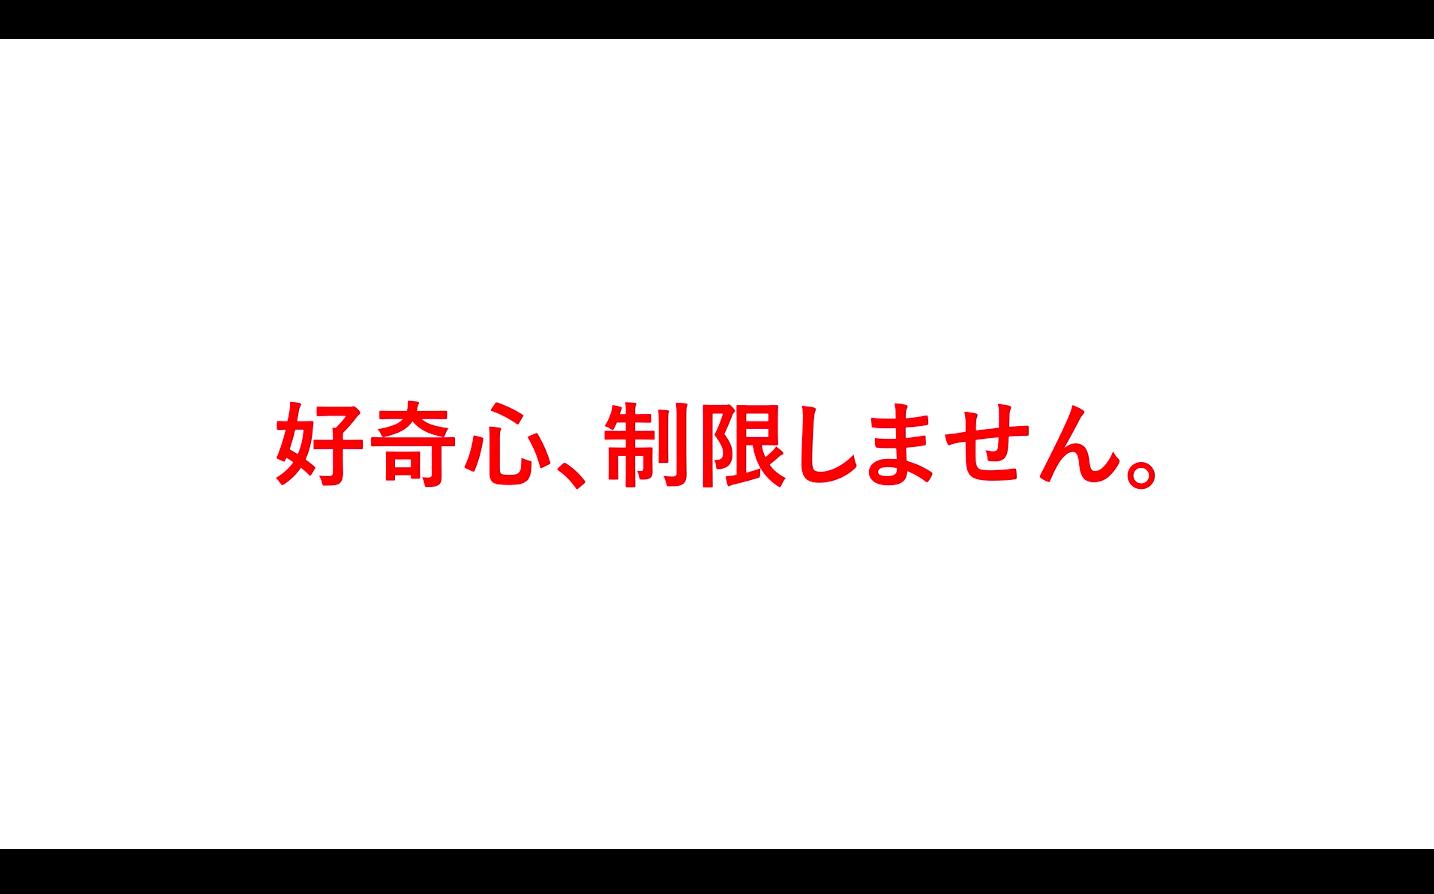 スクリーンショット 2018-06-26 16.04.48